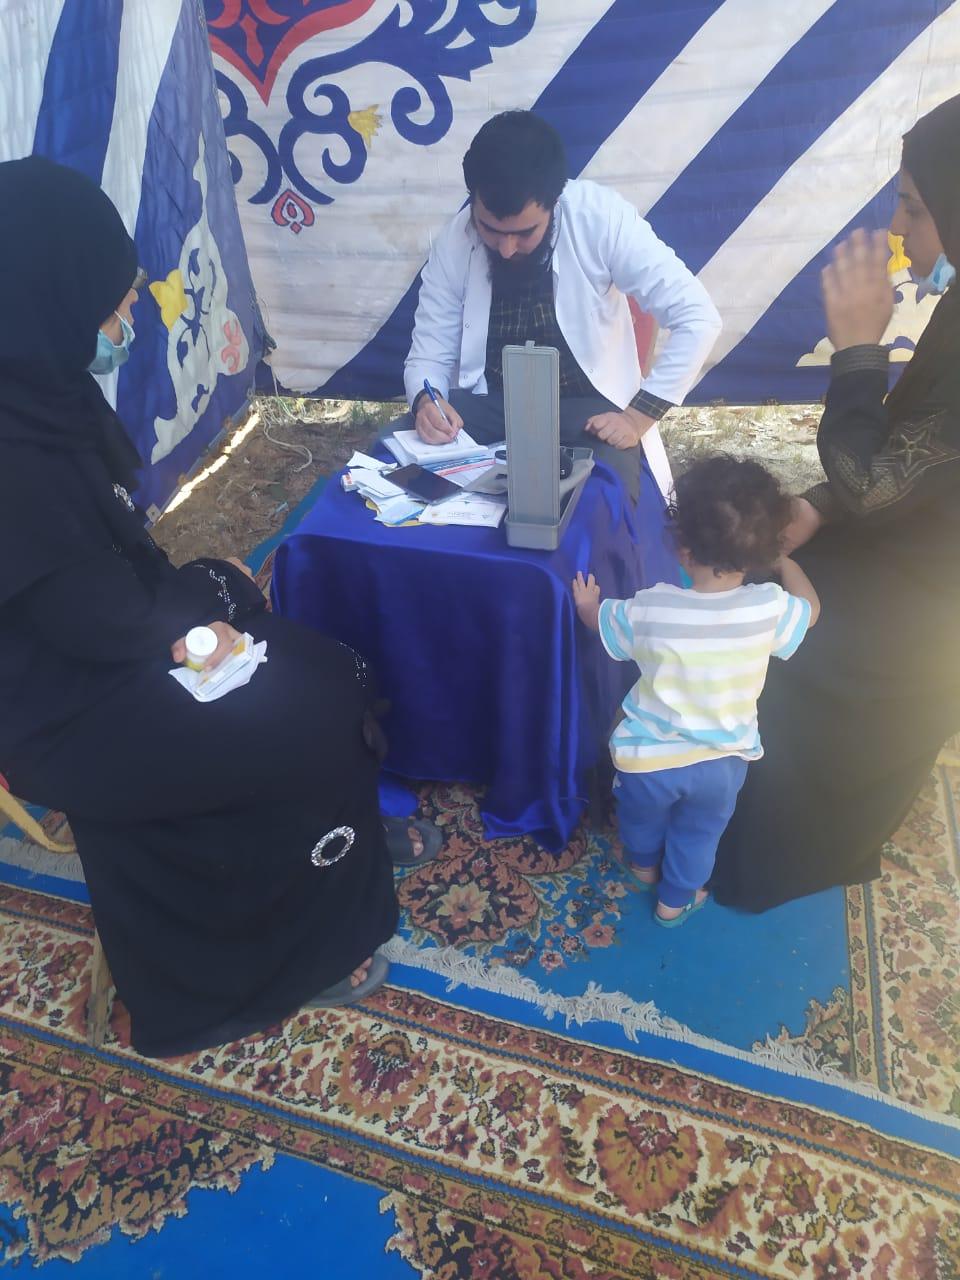 جامعة الزقازيق تنظم قافلة طبية لقرية أبو نافع بالقصاصين شرق مركز الحسينية